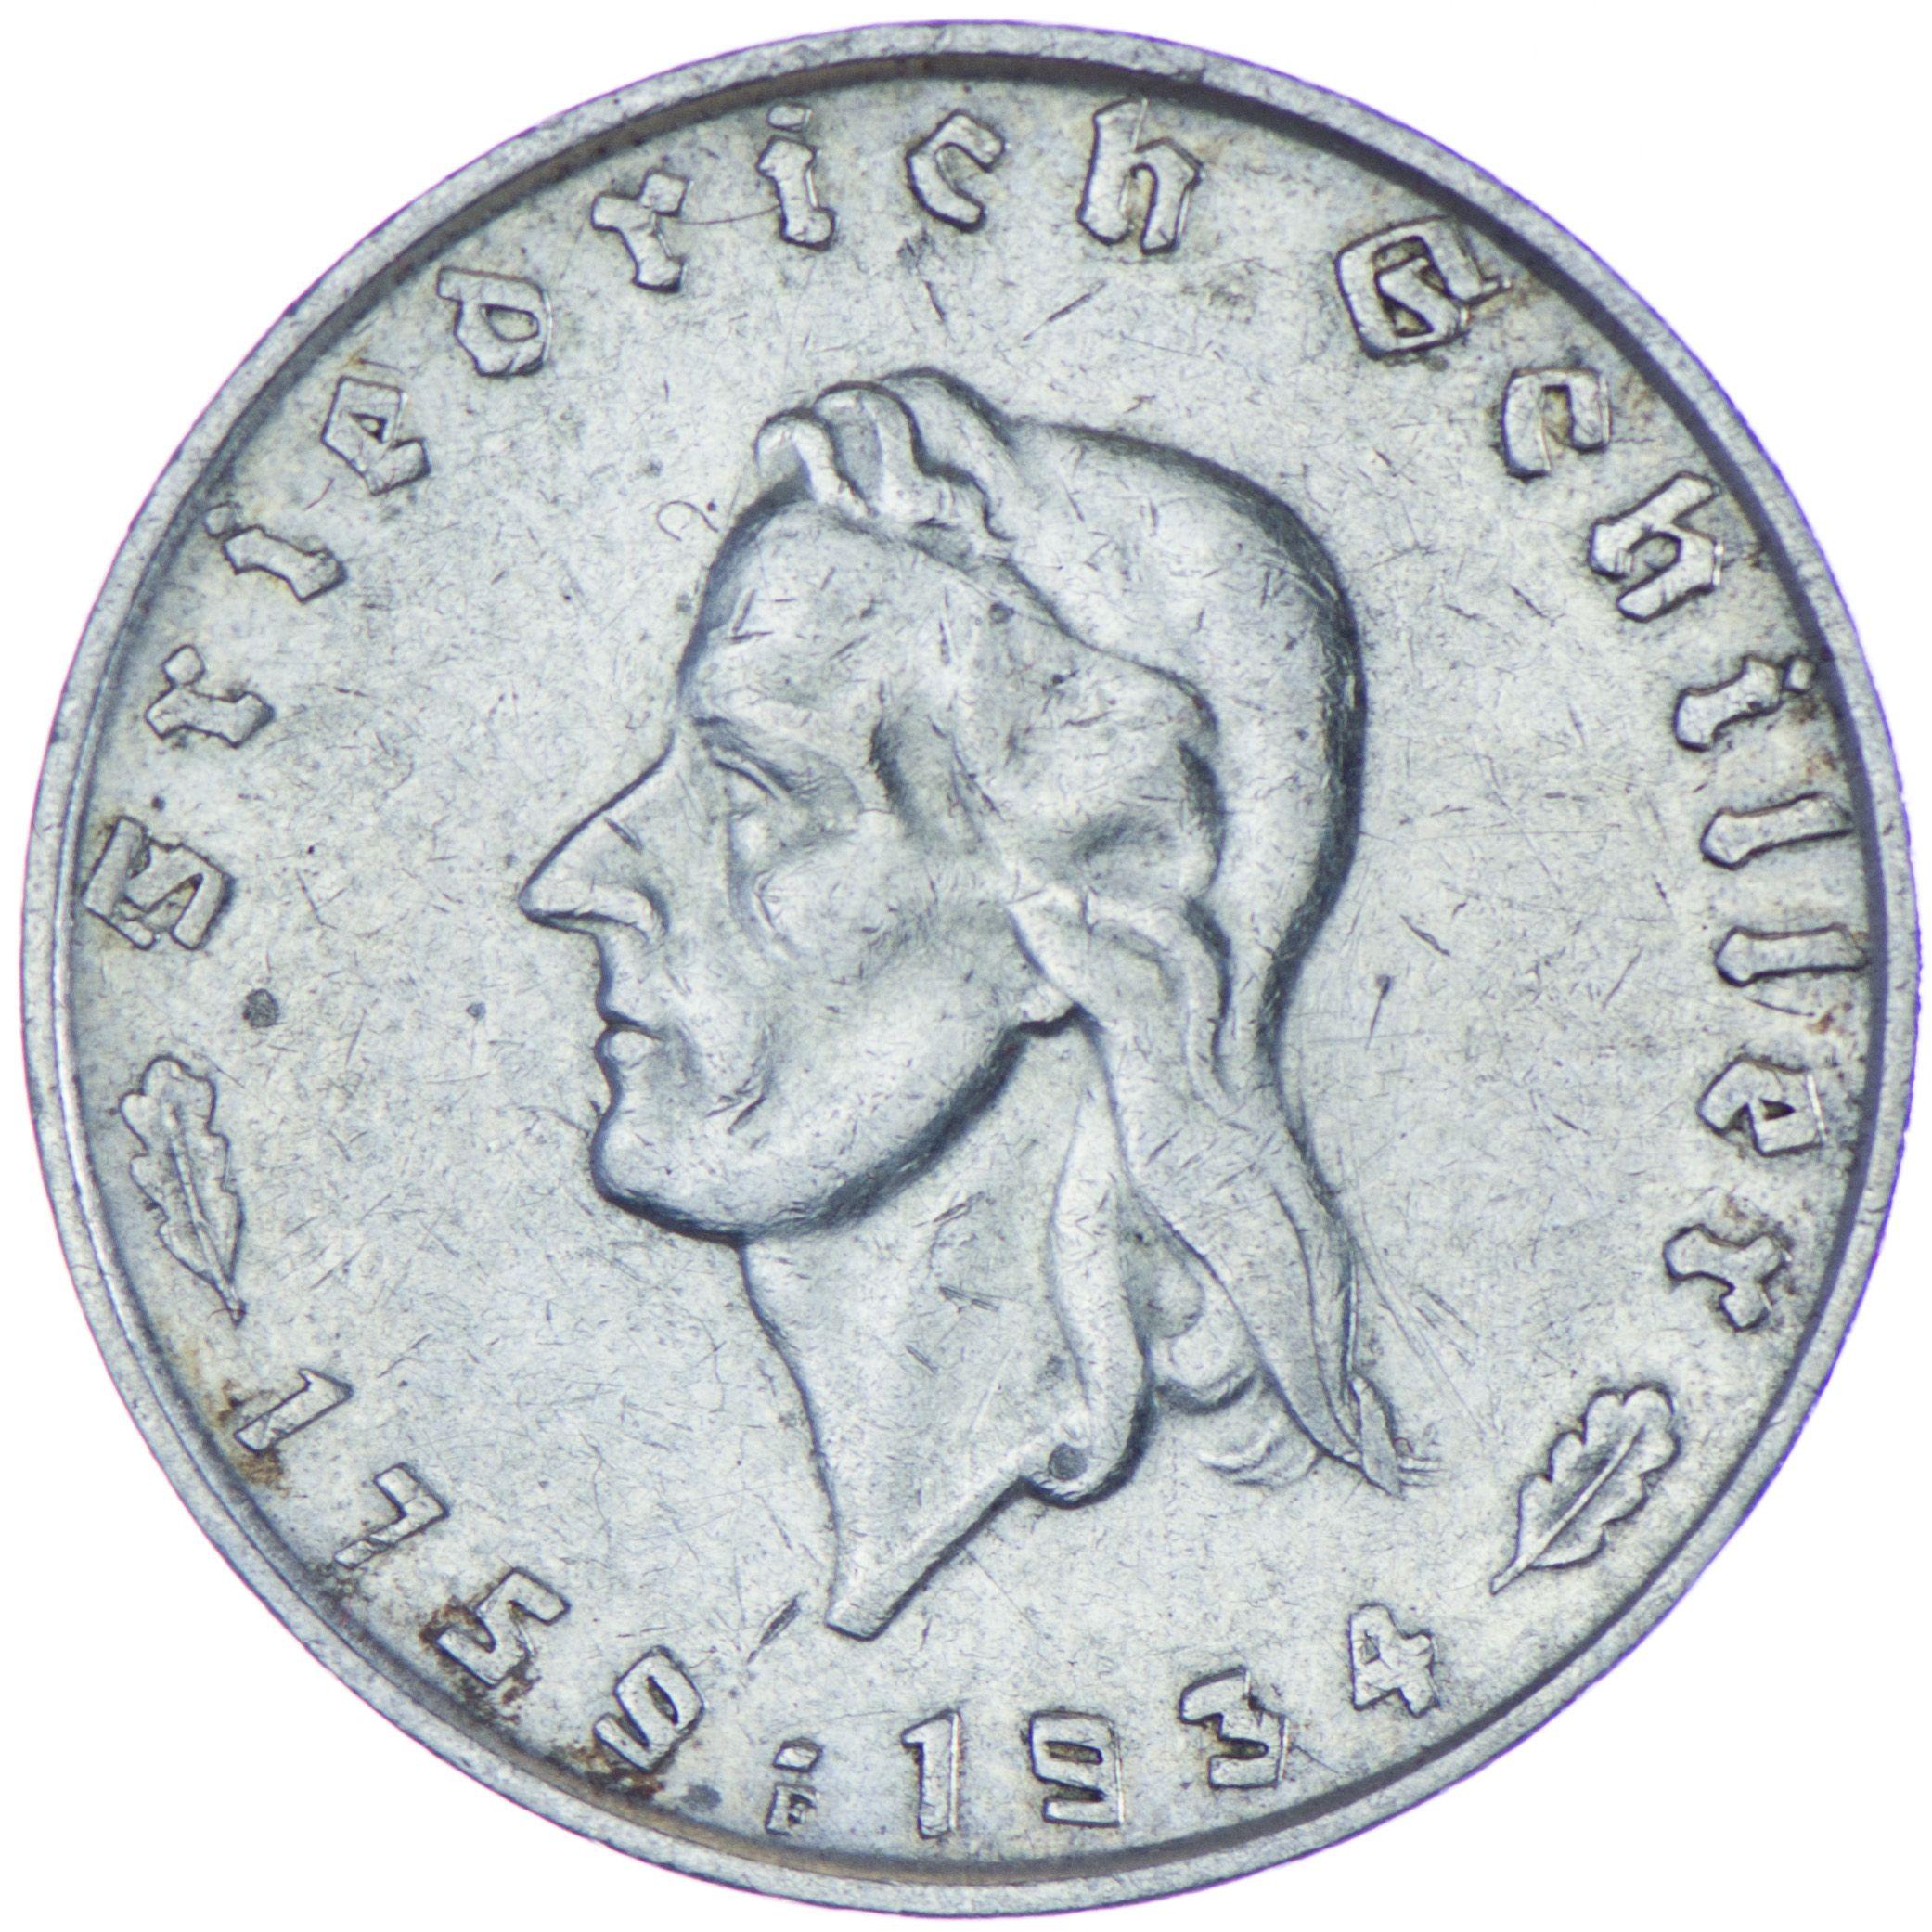 ebc71c7926f5747f27608f8a42944e92 Verwunderlich Reich Werden Mit Silber Dekorationen